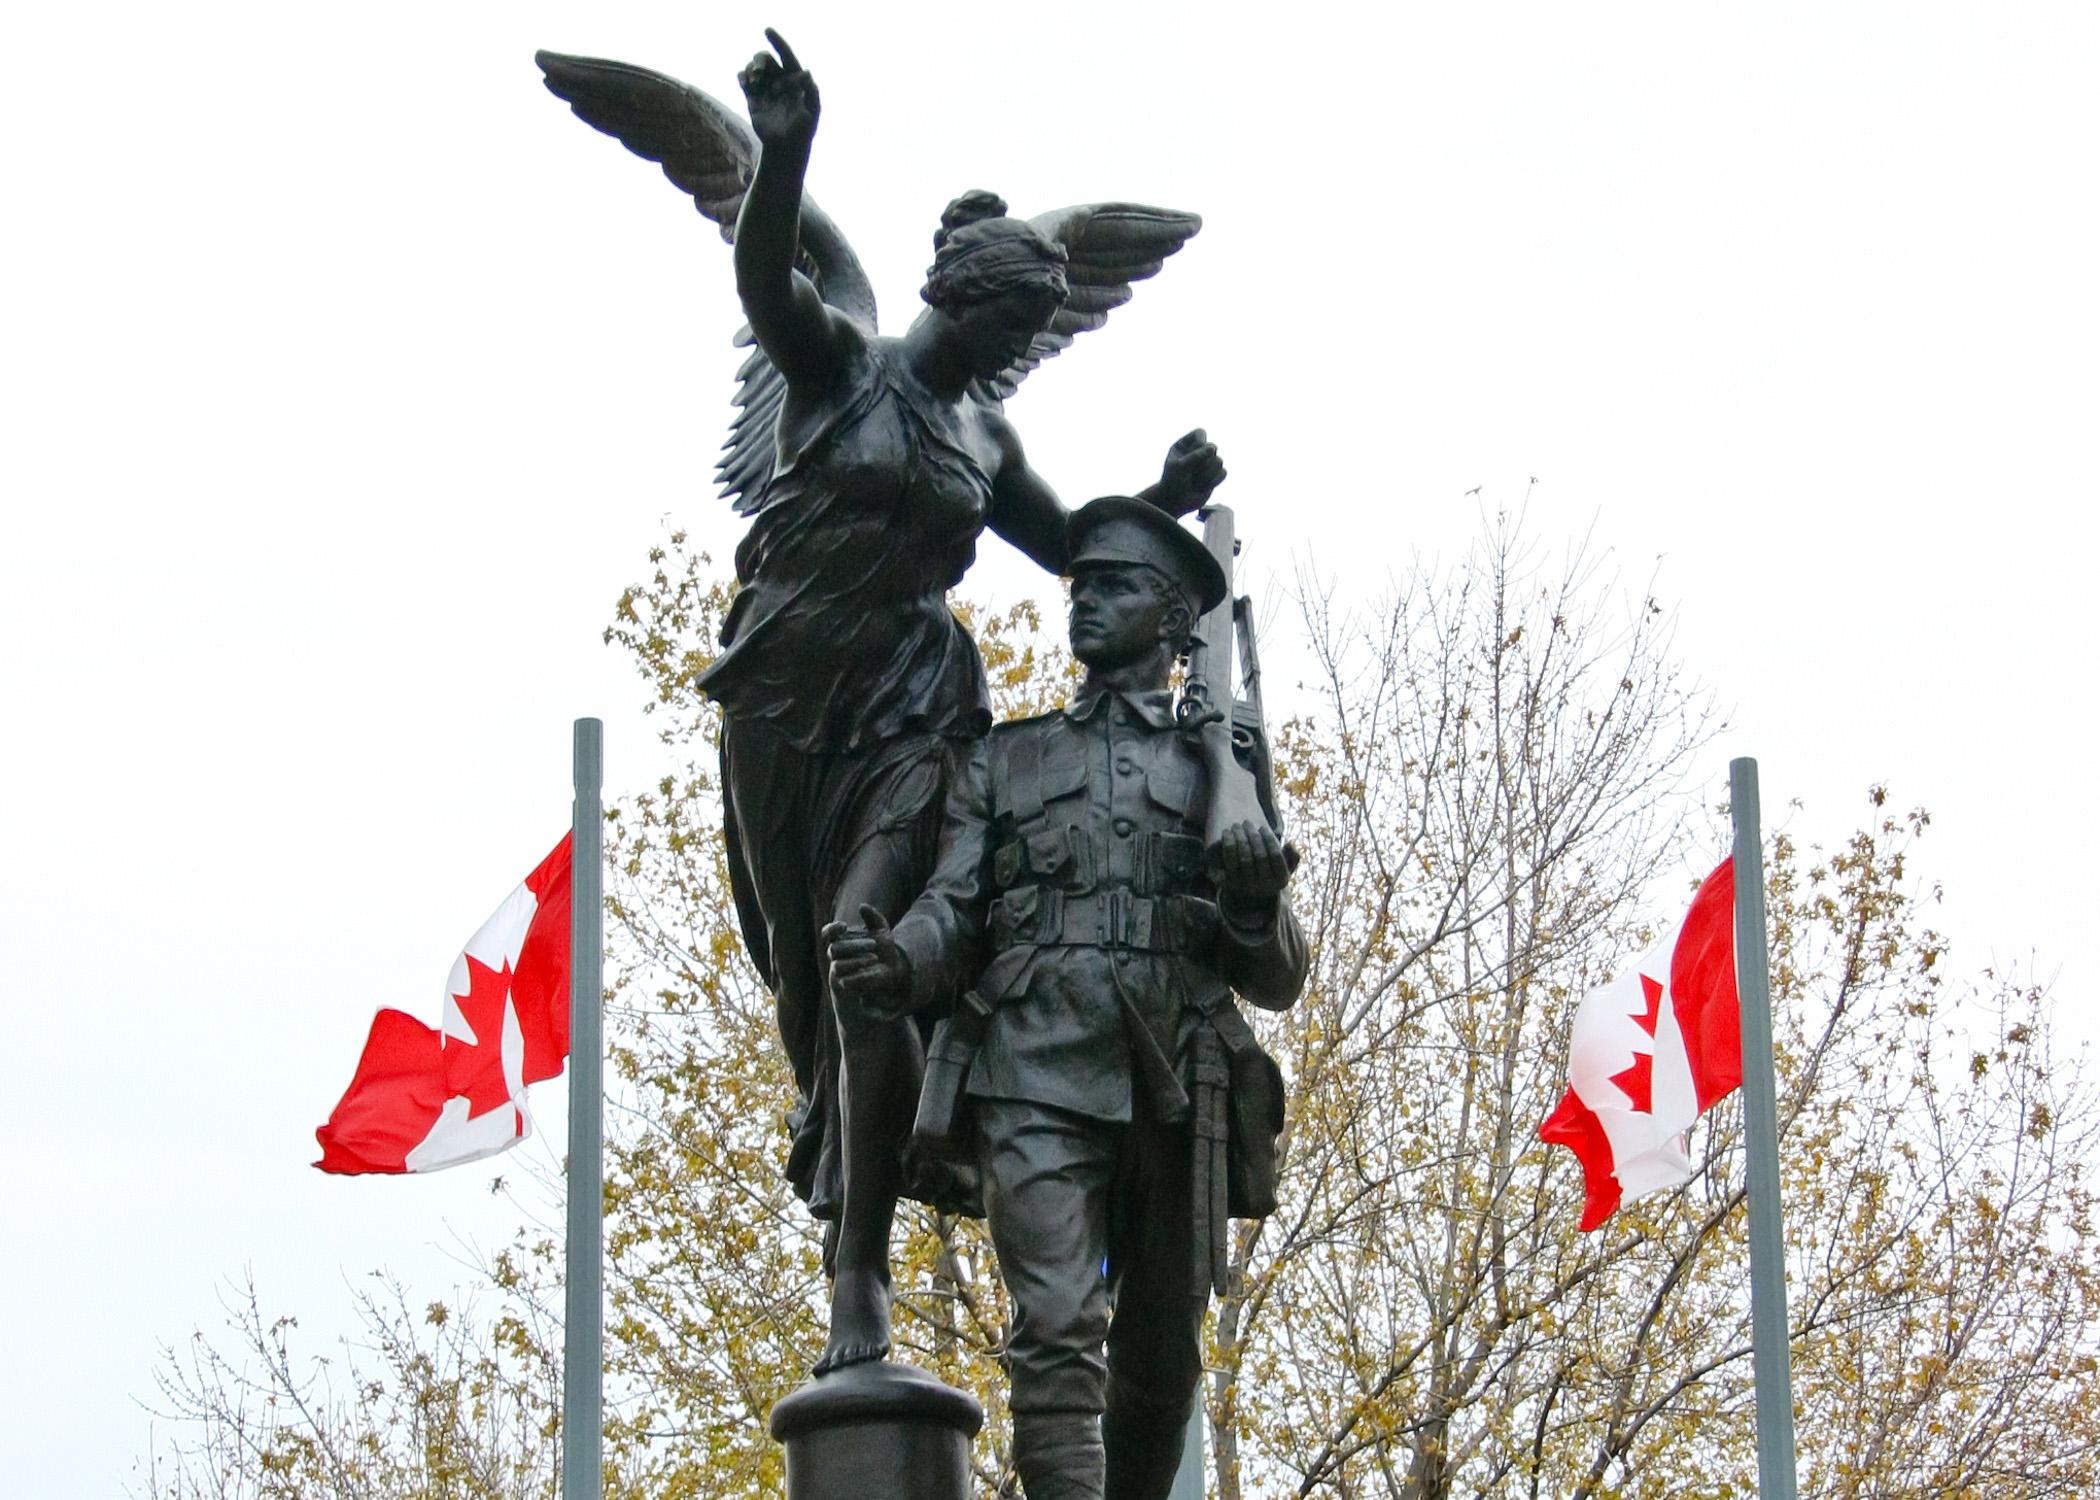 Westmount war memorial